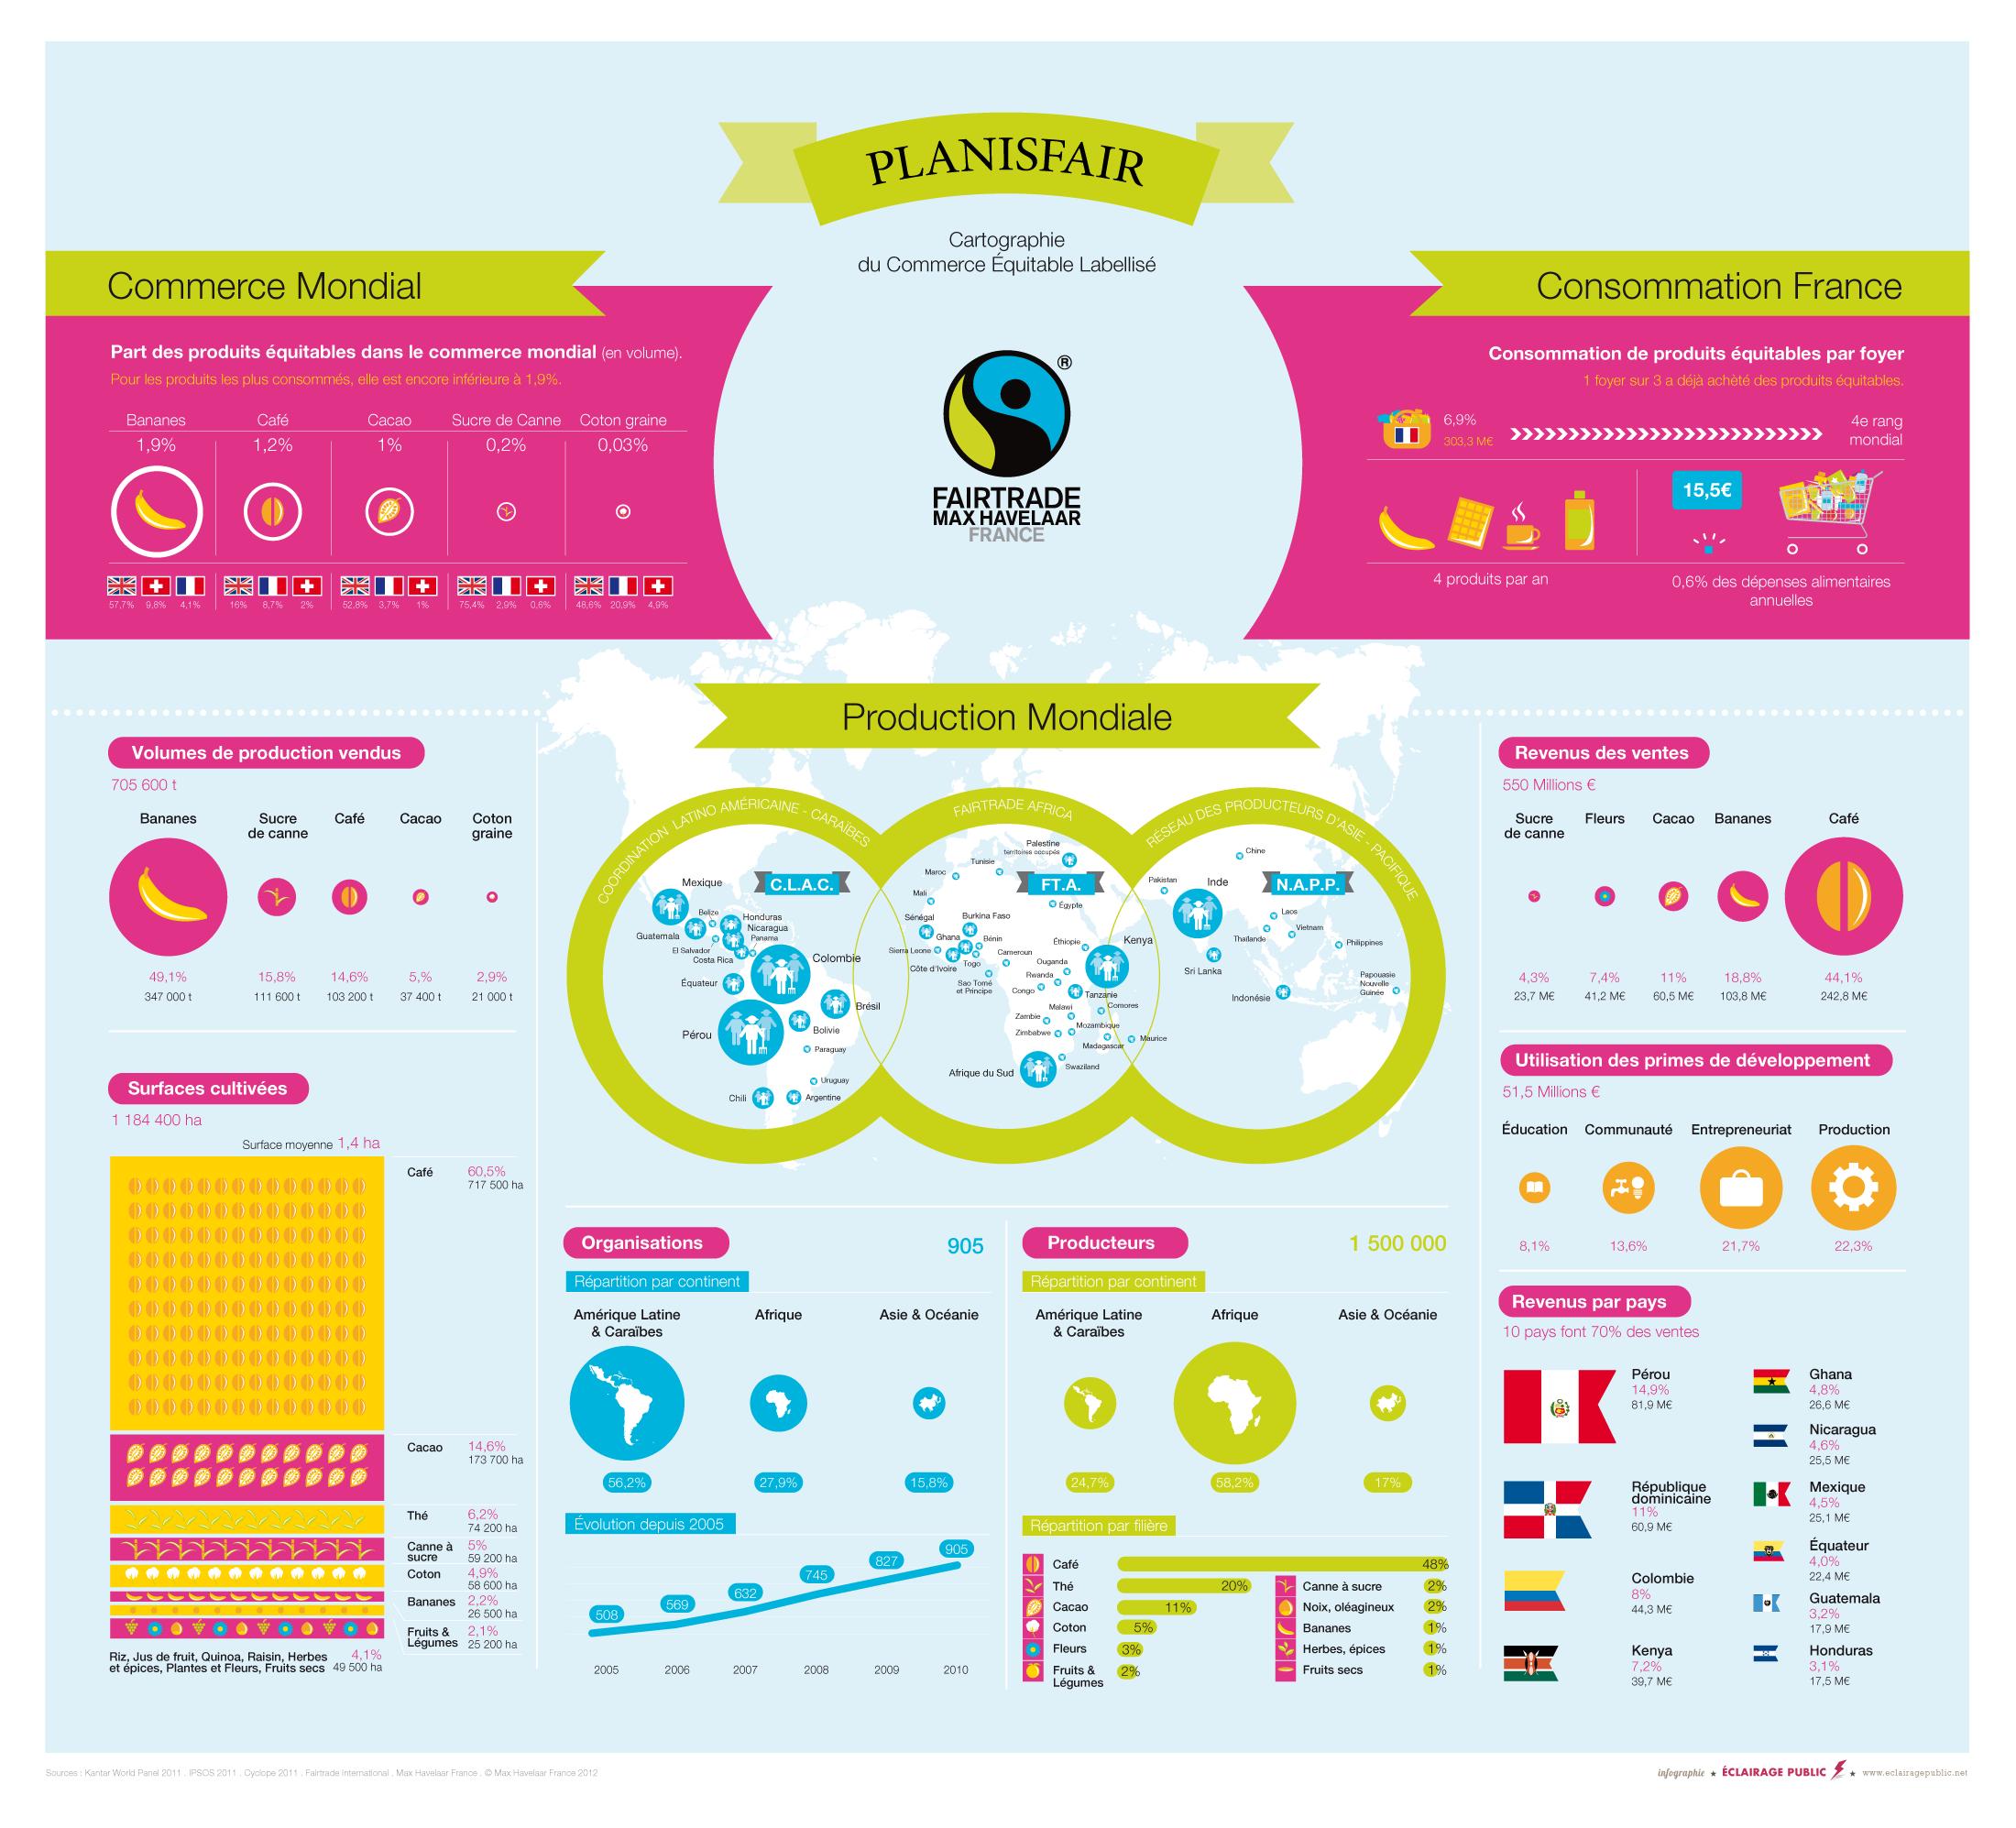 Le commerce équitable en chiffres #Fairtrade | Max havelaar ...